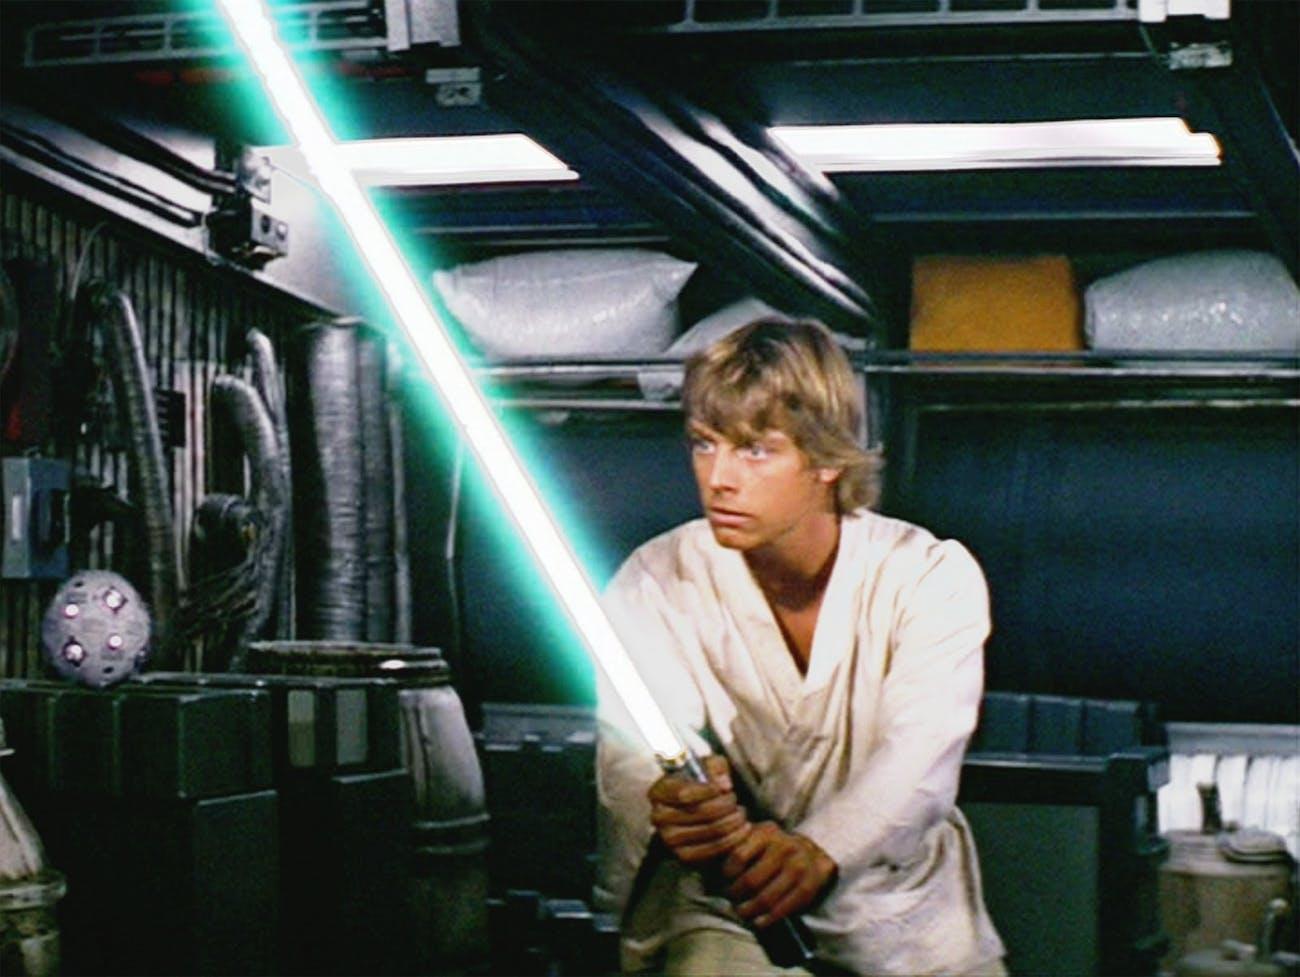 Luke Skywalker and his lightsaber